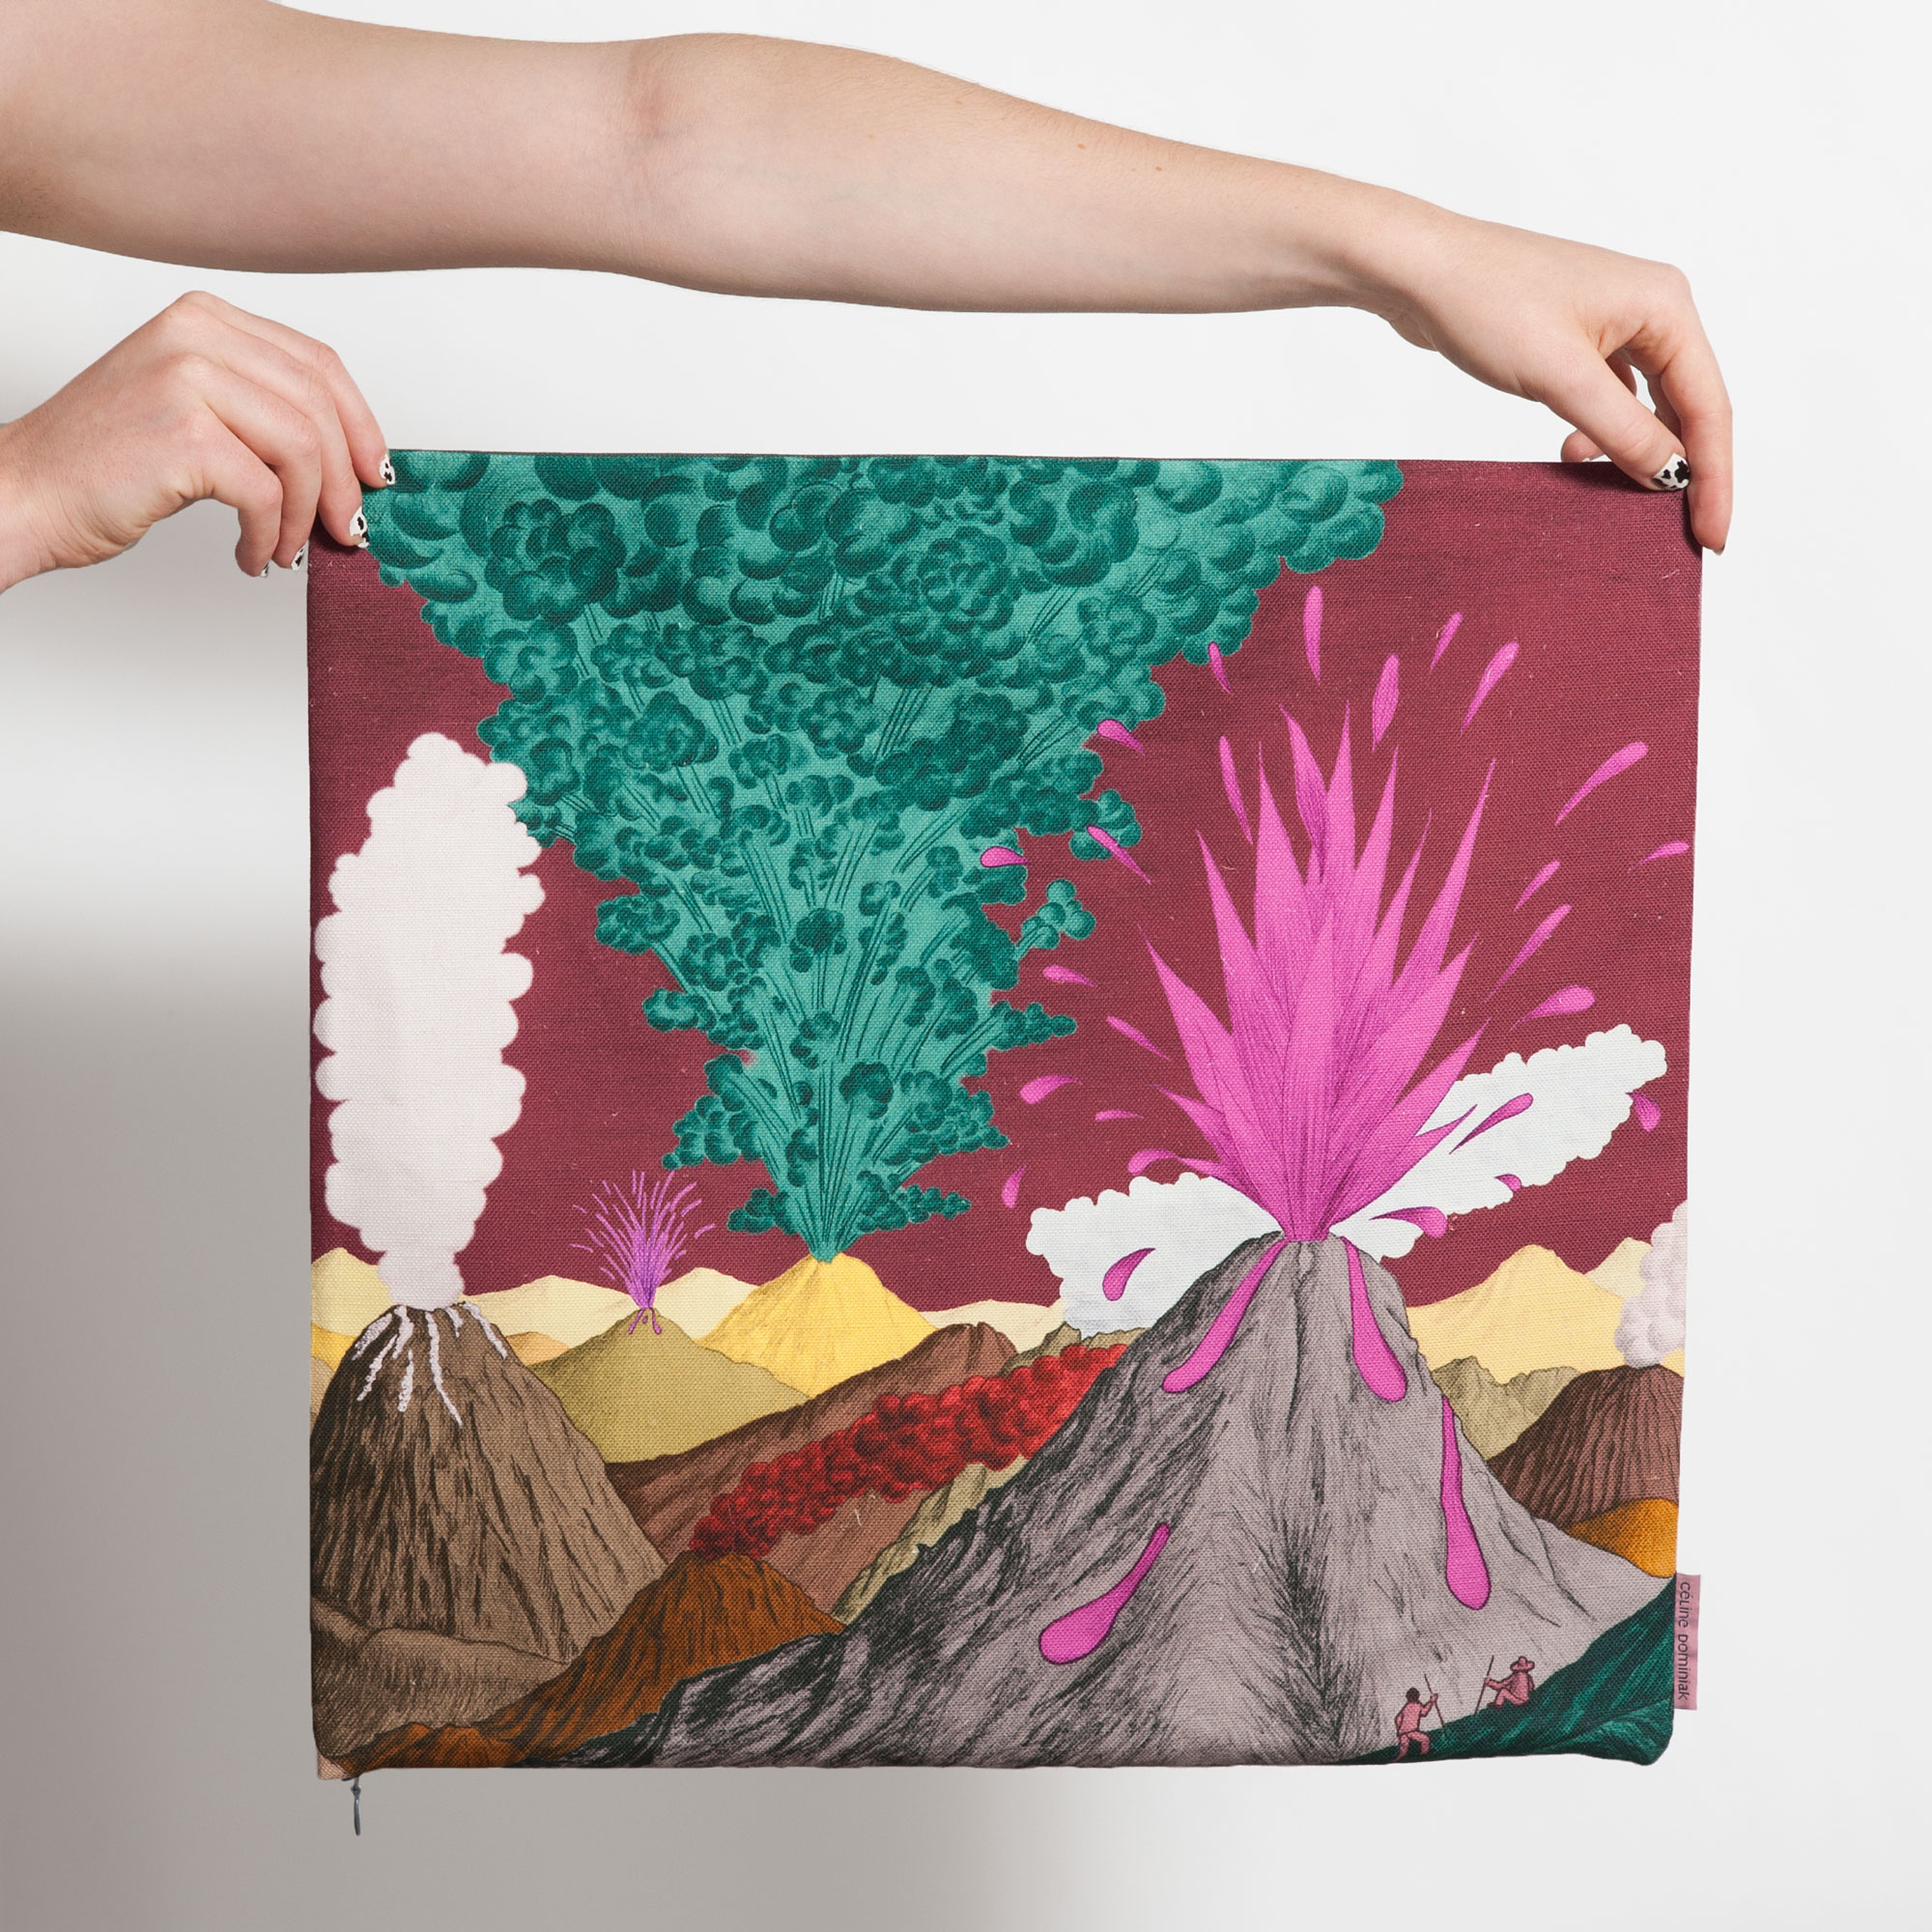 Housse de coussin carrée avec paysage de volcans marrons et ciel prune de Céline Dominiak